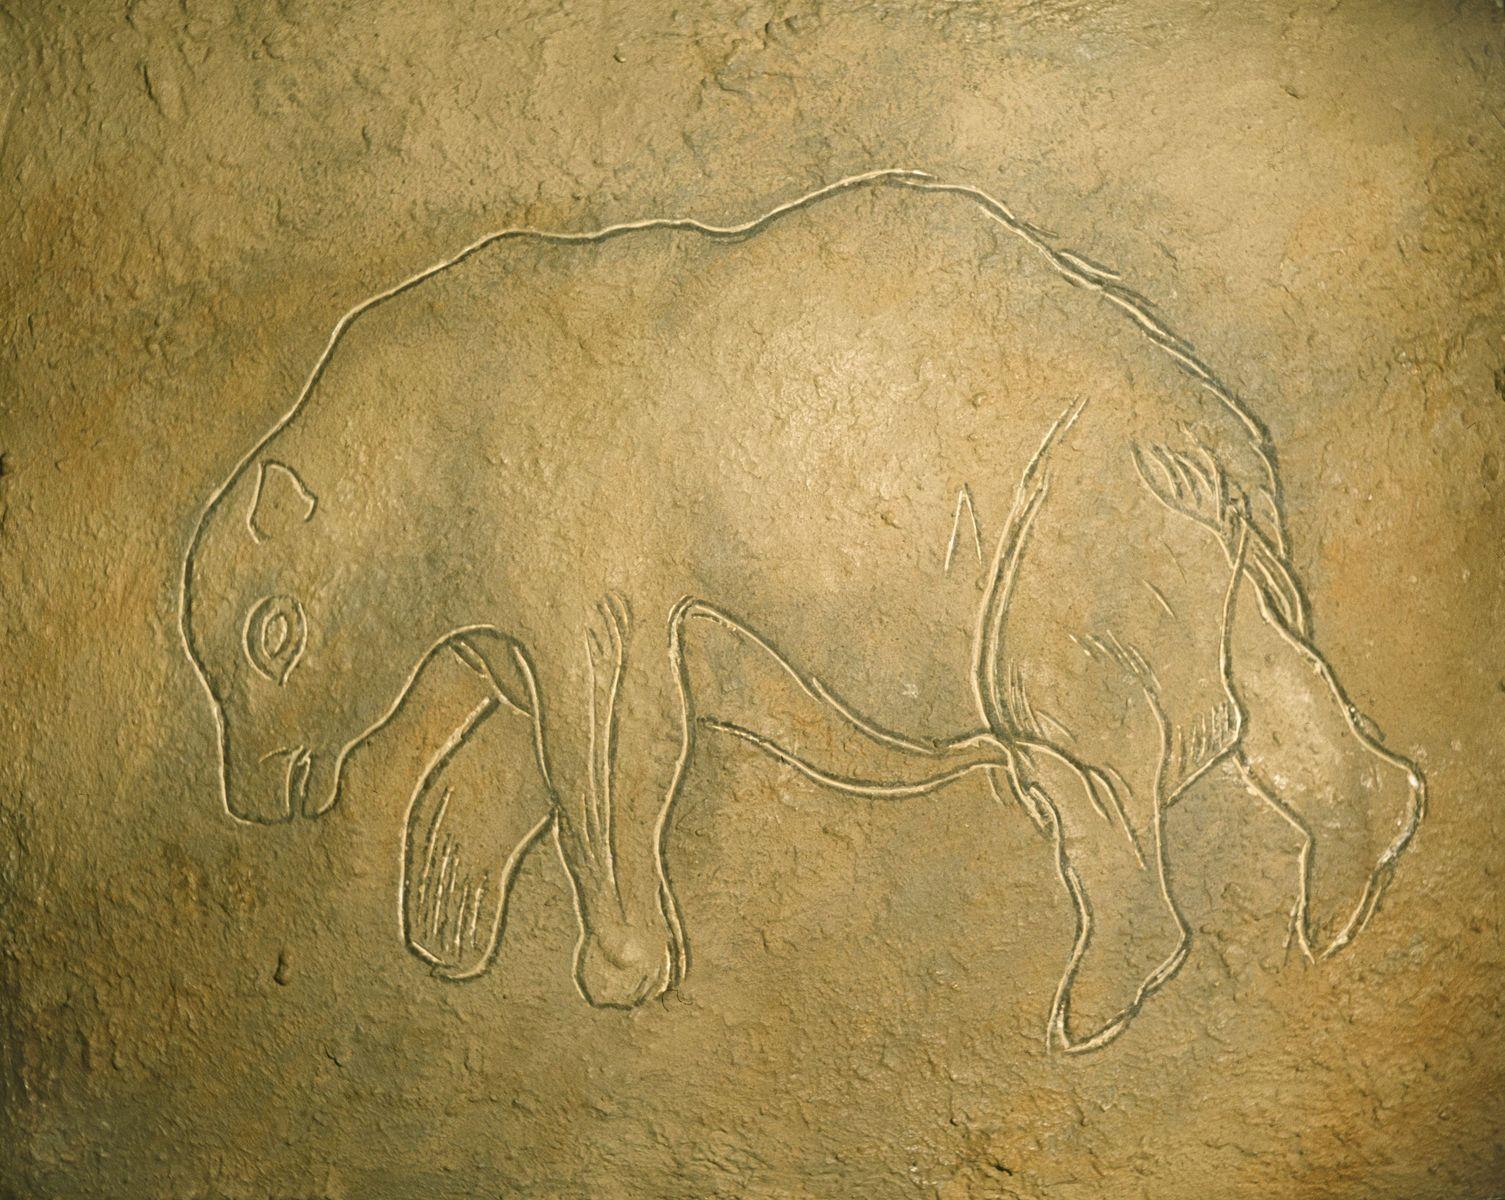 Nachbildung einer Gravierung eines Bären nach einem Original aus der Höhle von Les Combarelles, Les Eyzies, Dordogne, Frankreich, um 12 000 v. Chr., Mittleres Magdalénien (c) bpk / Museum für Vor- und Frühgeschichte, SMB / Jürgen Liepe